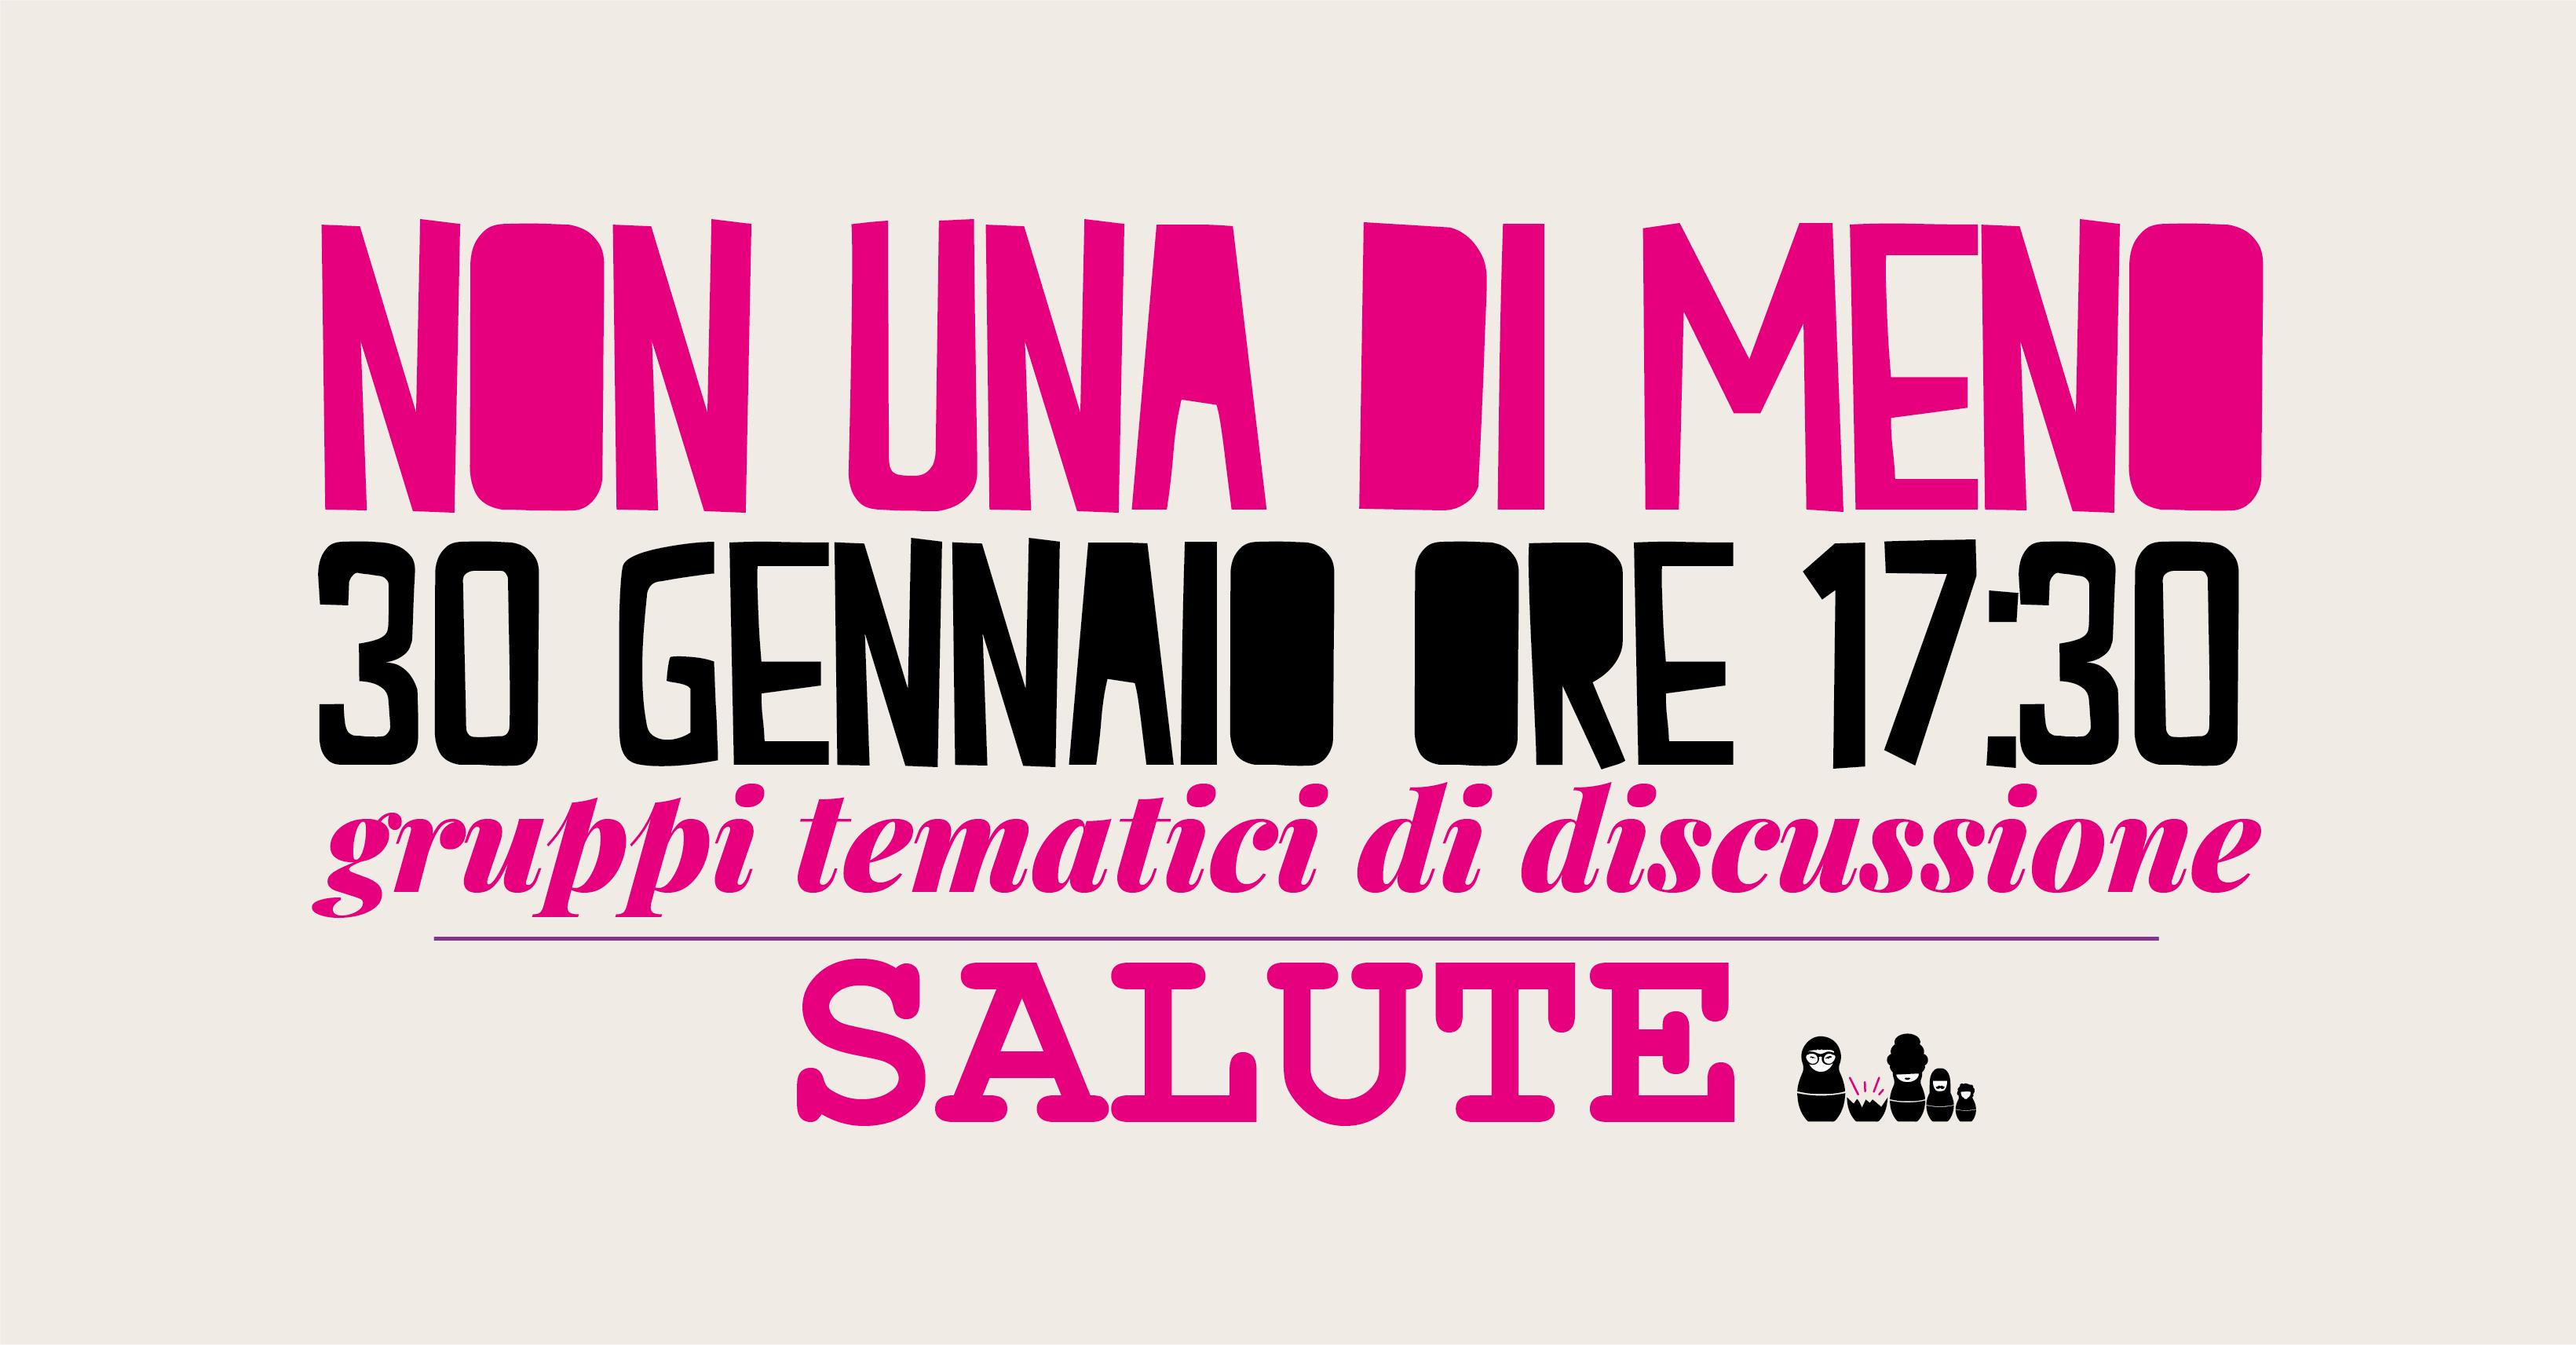 nudm_nazionale_tavolo_salute_30-31_gen_2021_cover_pagina_fb@2x